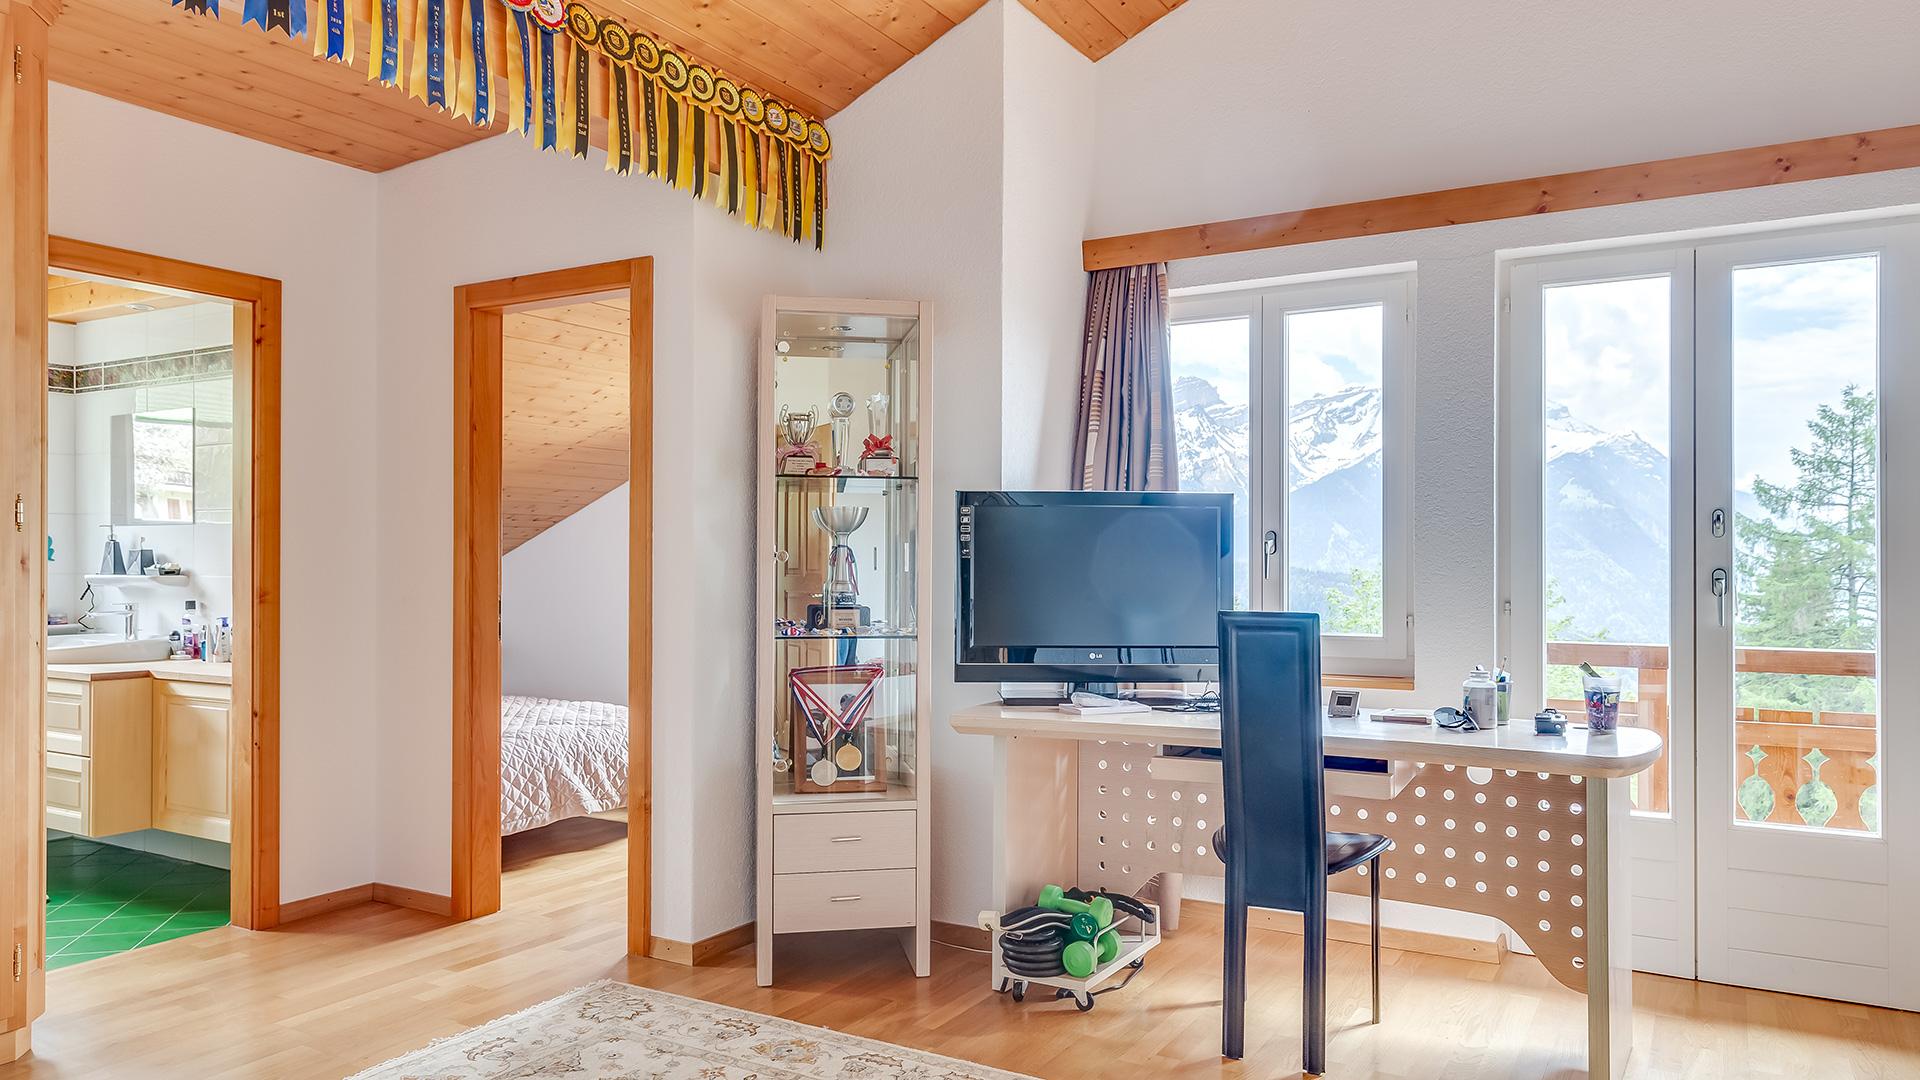 Victoria Chalet, Switzerland